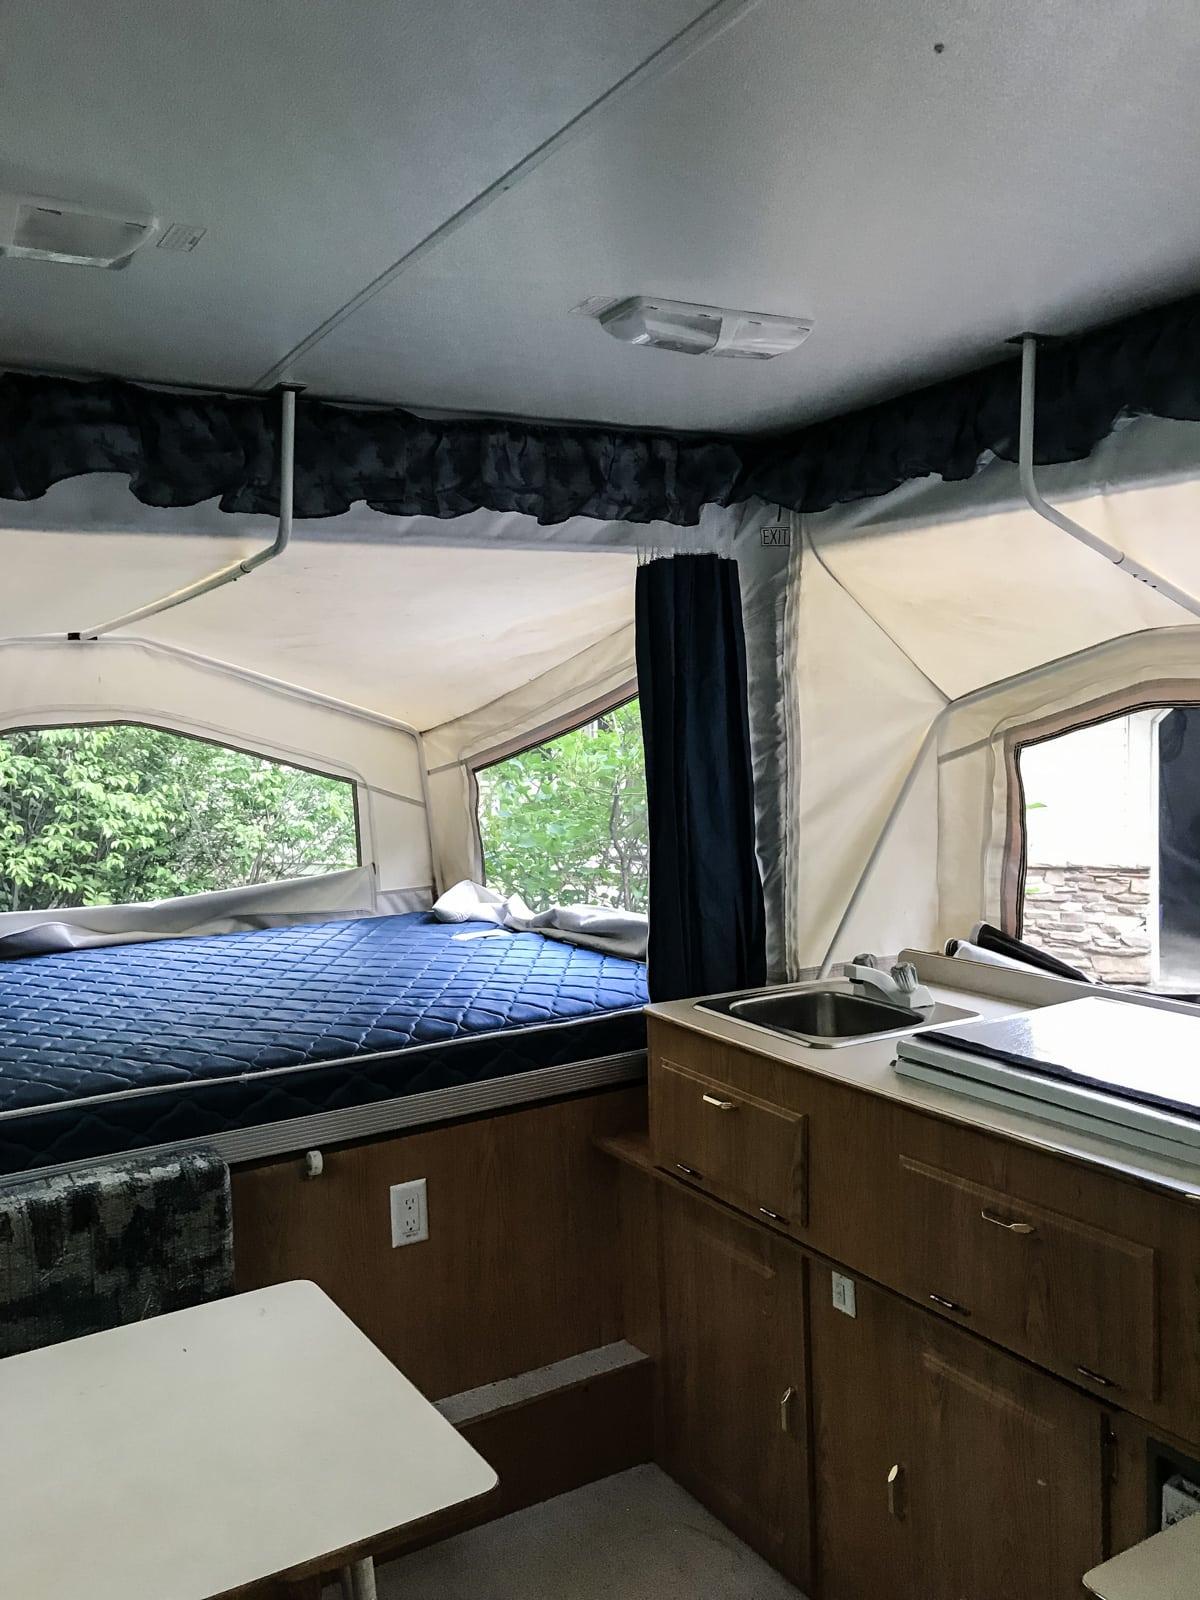 Our DIY Pop Up Camper Makeover: BEFORE